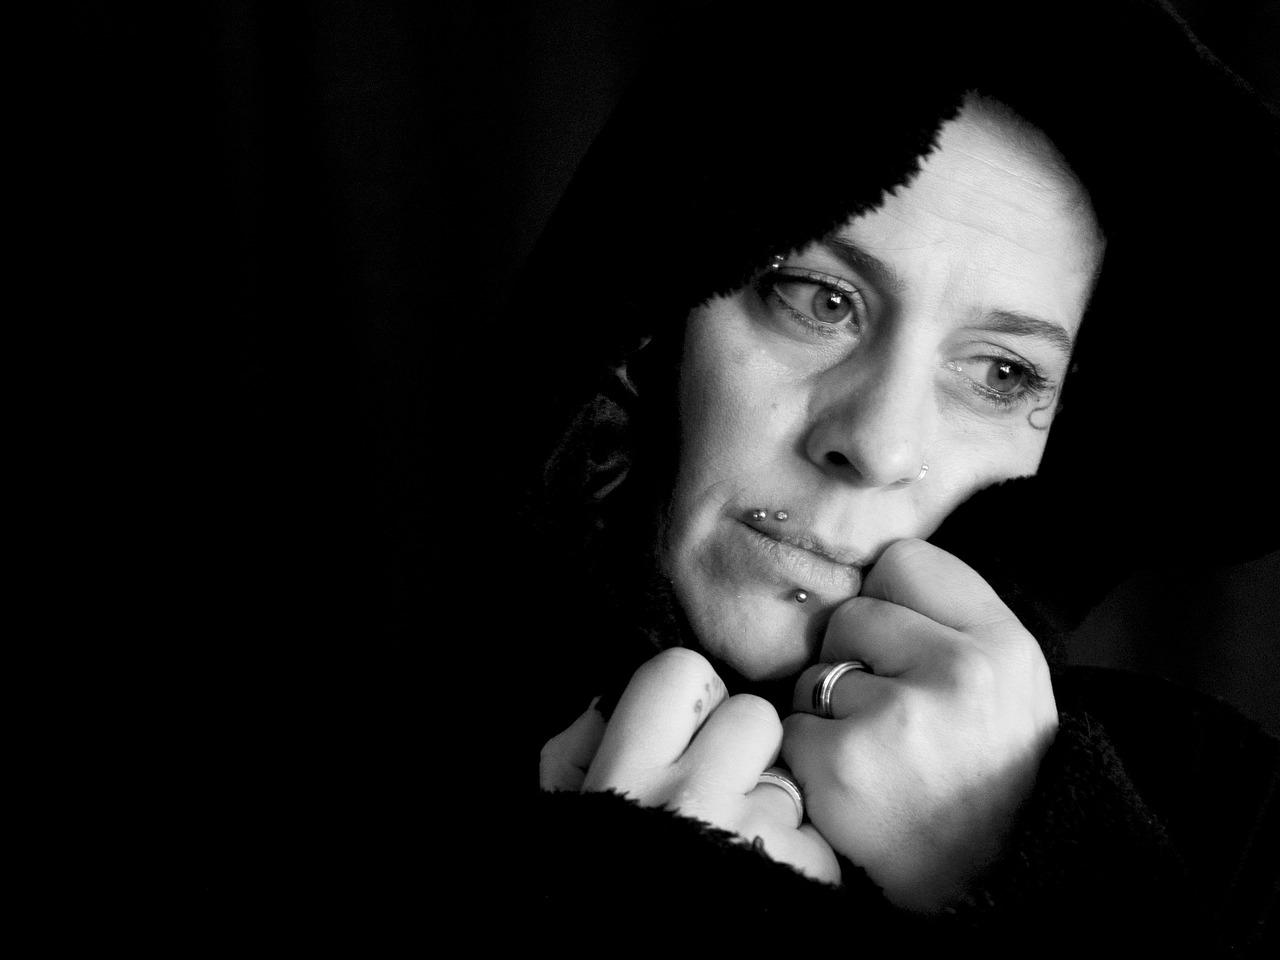 alone woman photo